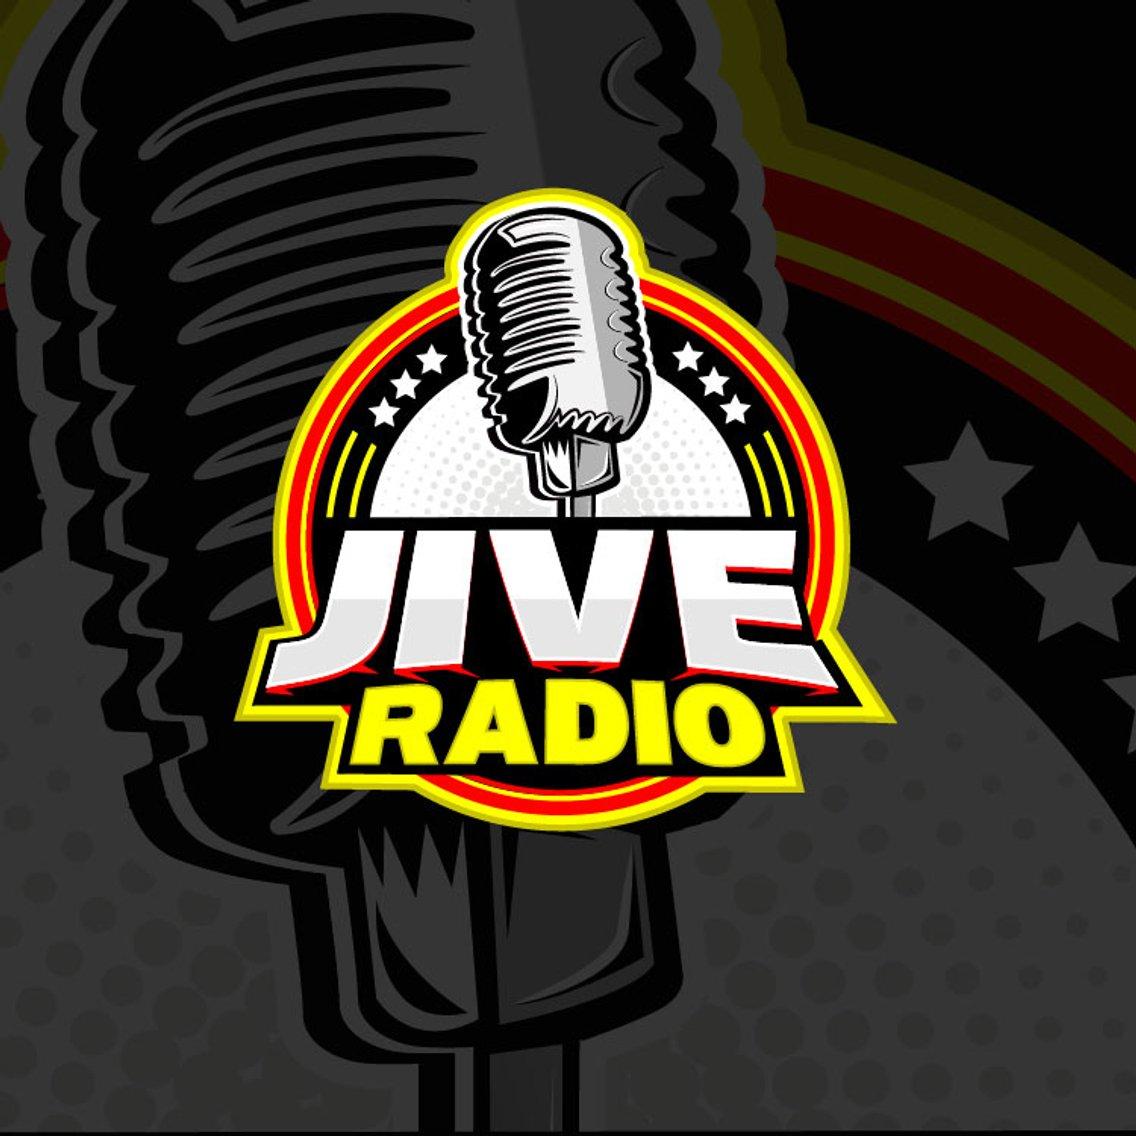 Jive Radio - imagen de portada